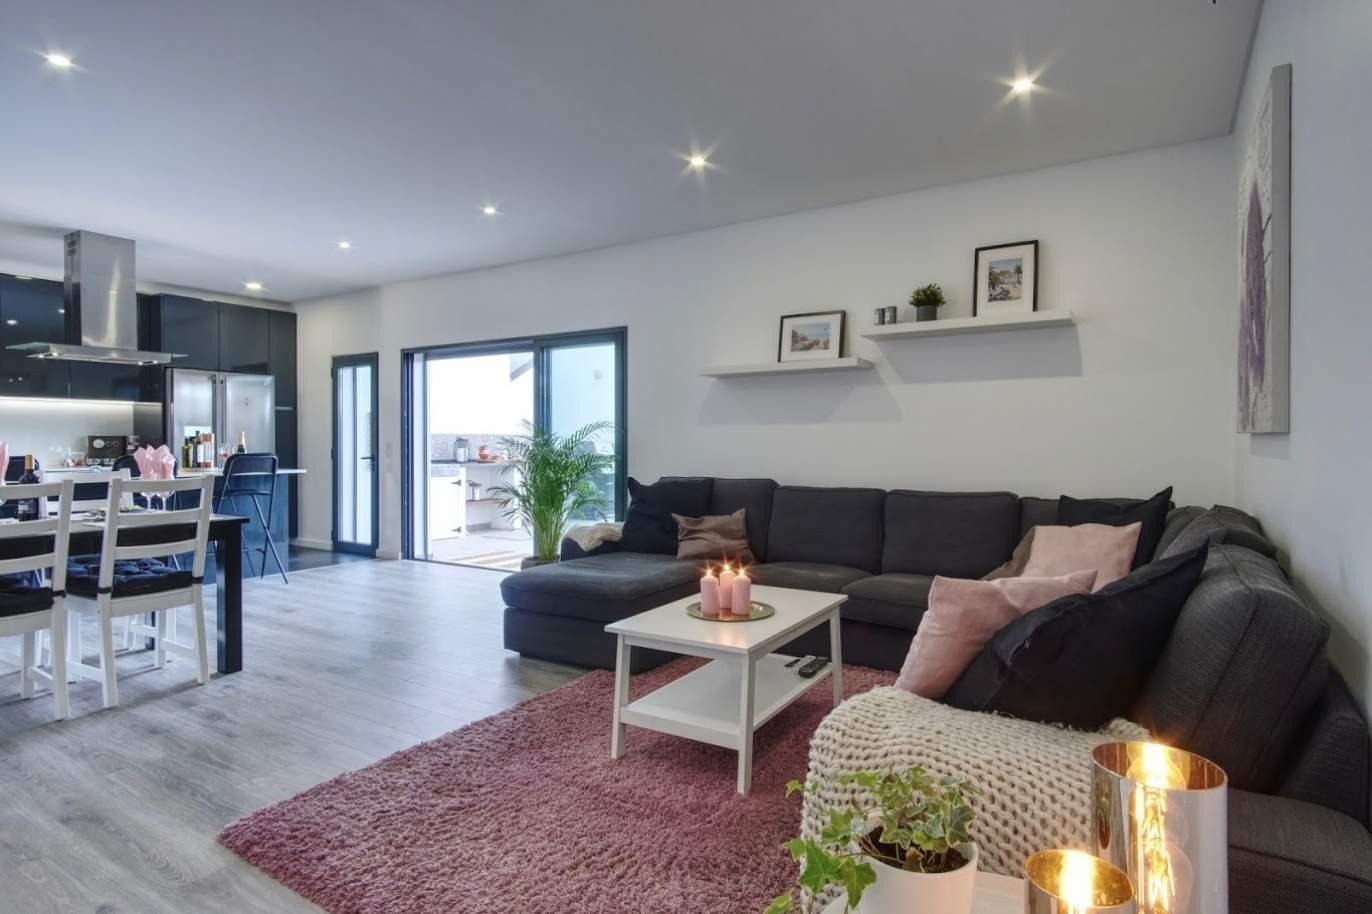 spacious-3-bedroom-apartment-near-the-beach-quarteira-algarve